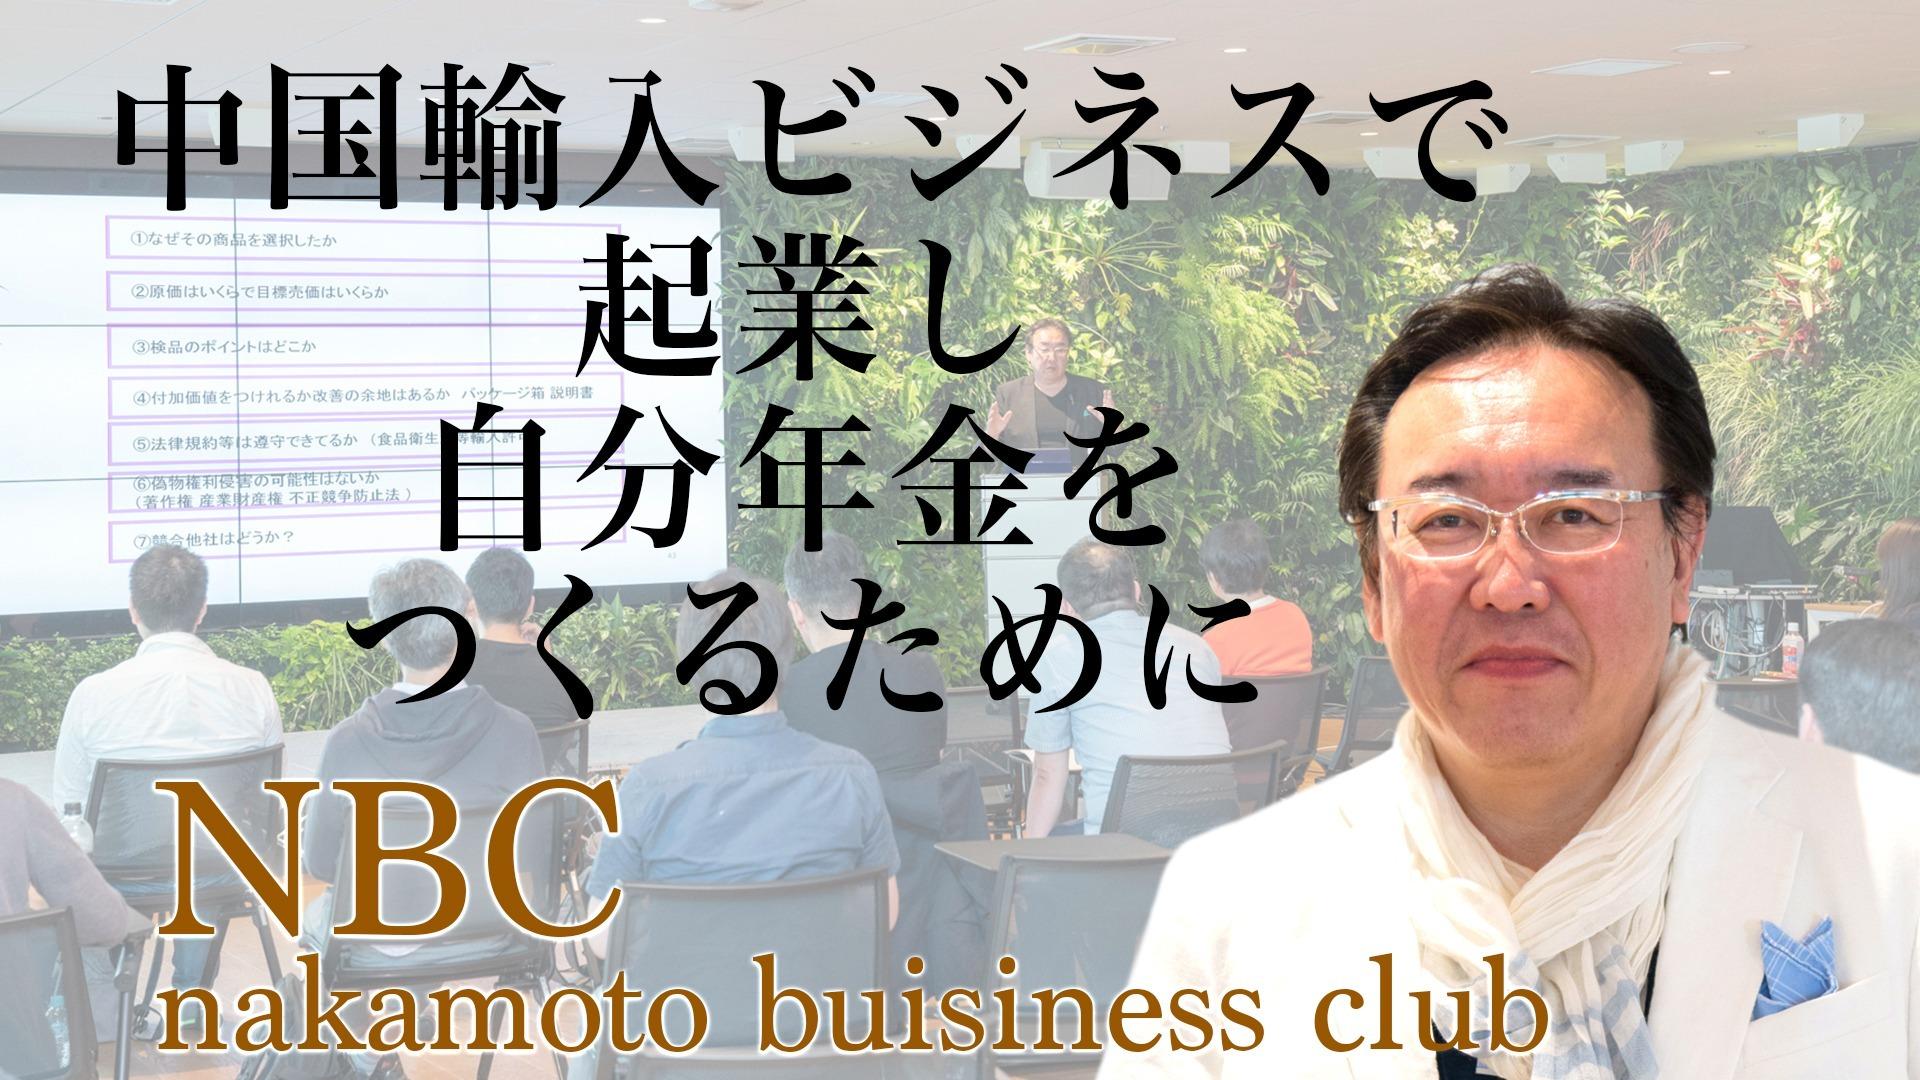 中元大輔の「NBC nakamoto business club」